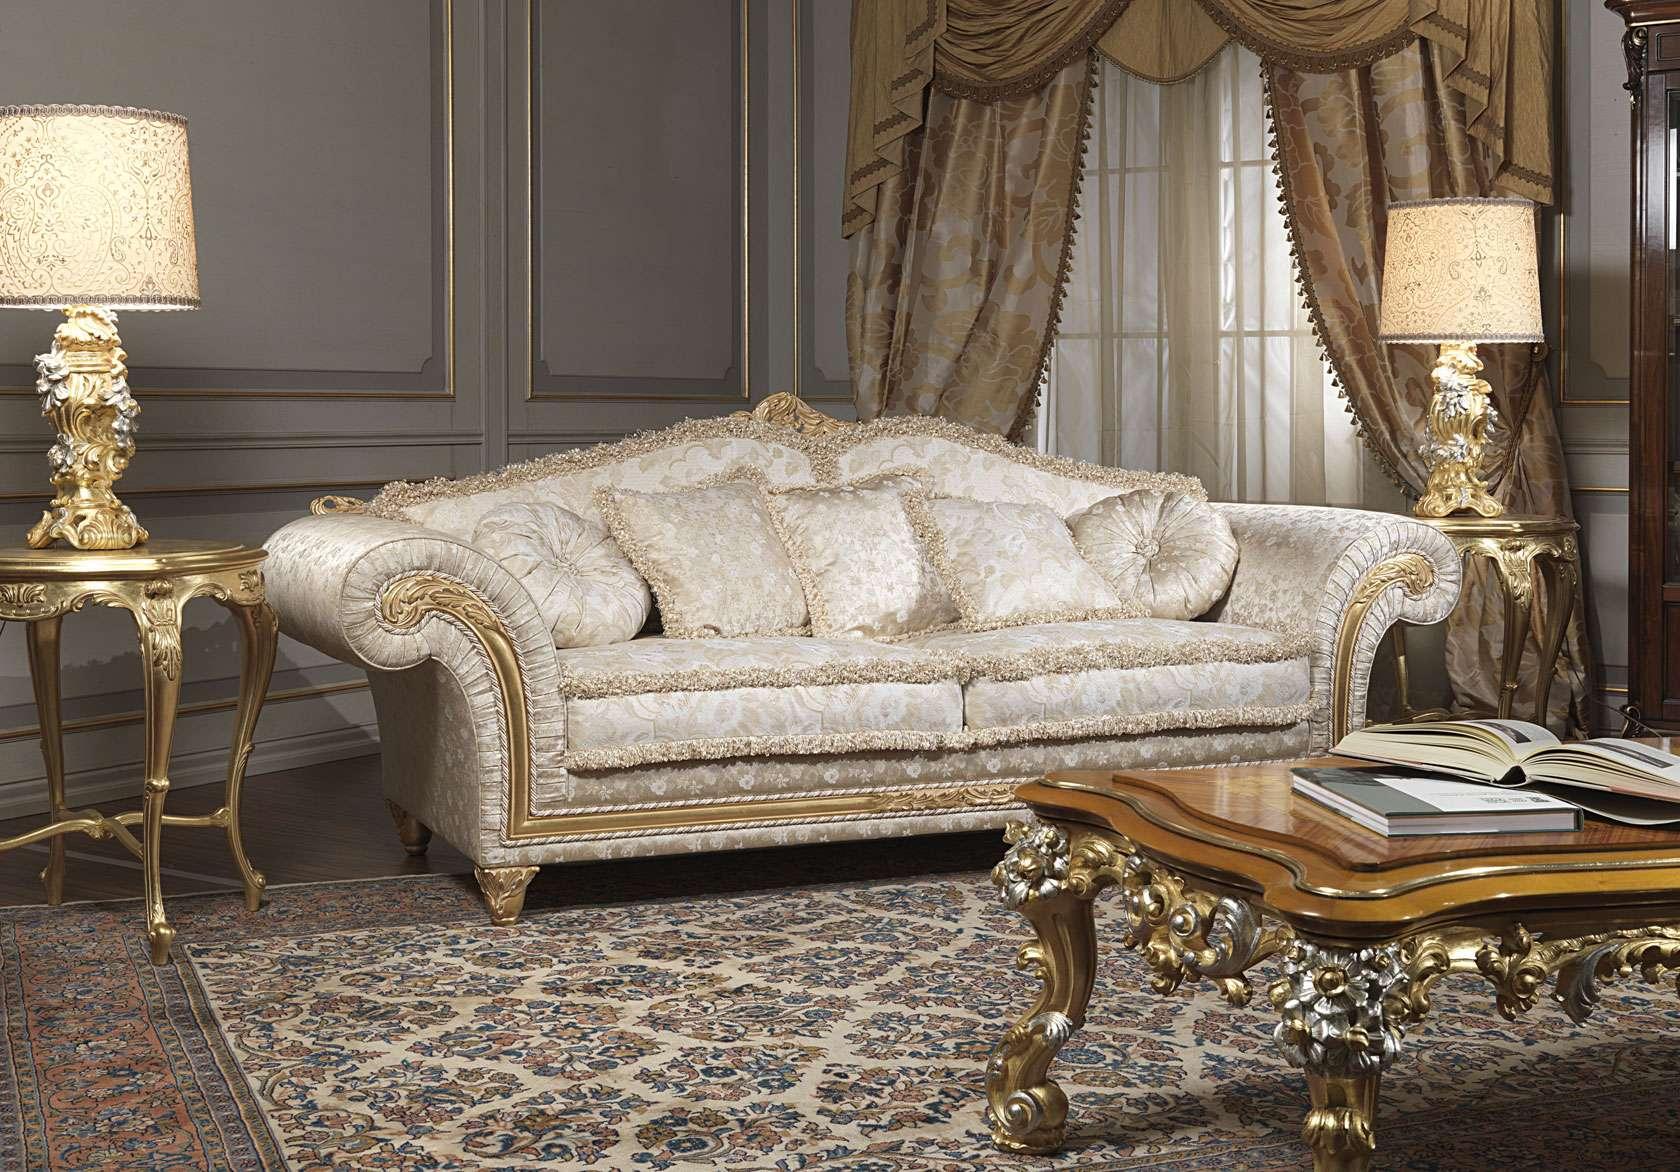 Canapé Classique Imperial Avec Table Gravée Vimercati Classic - Canapé classique